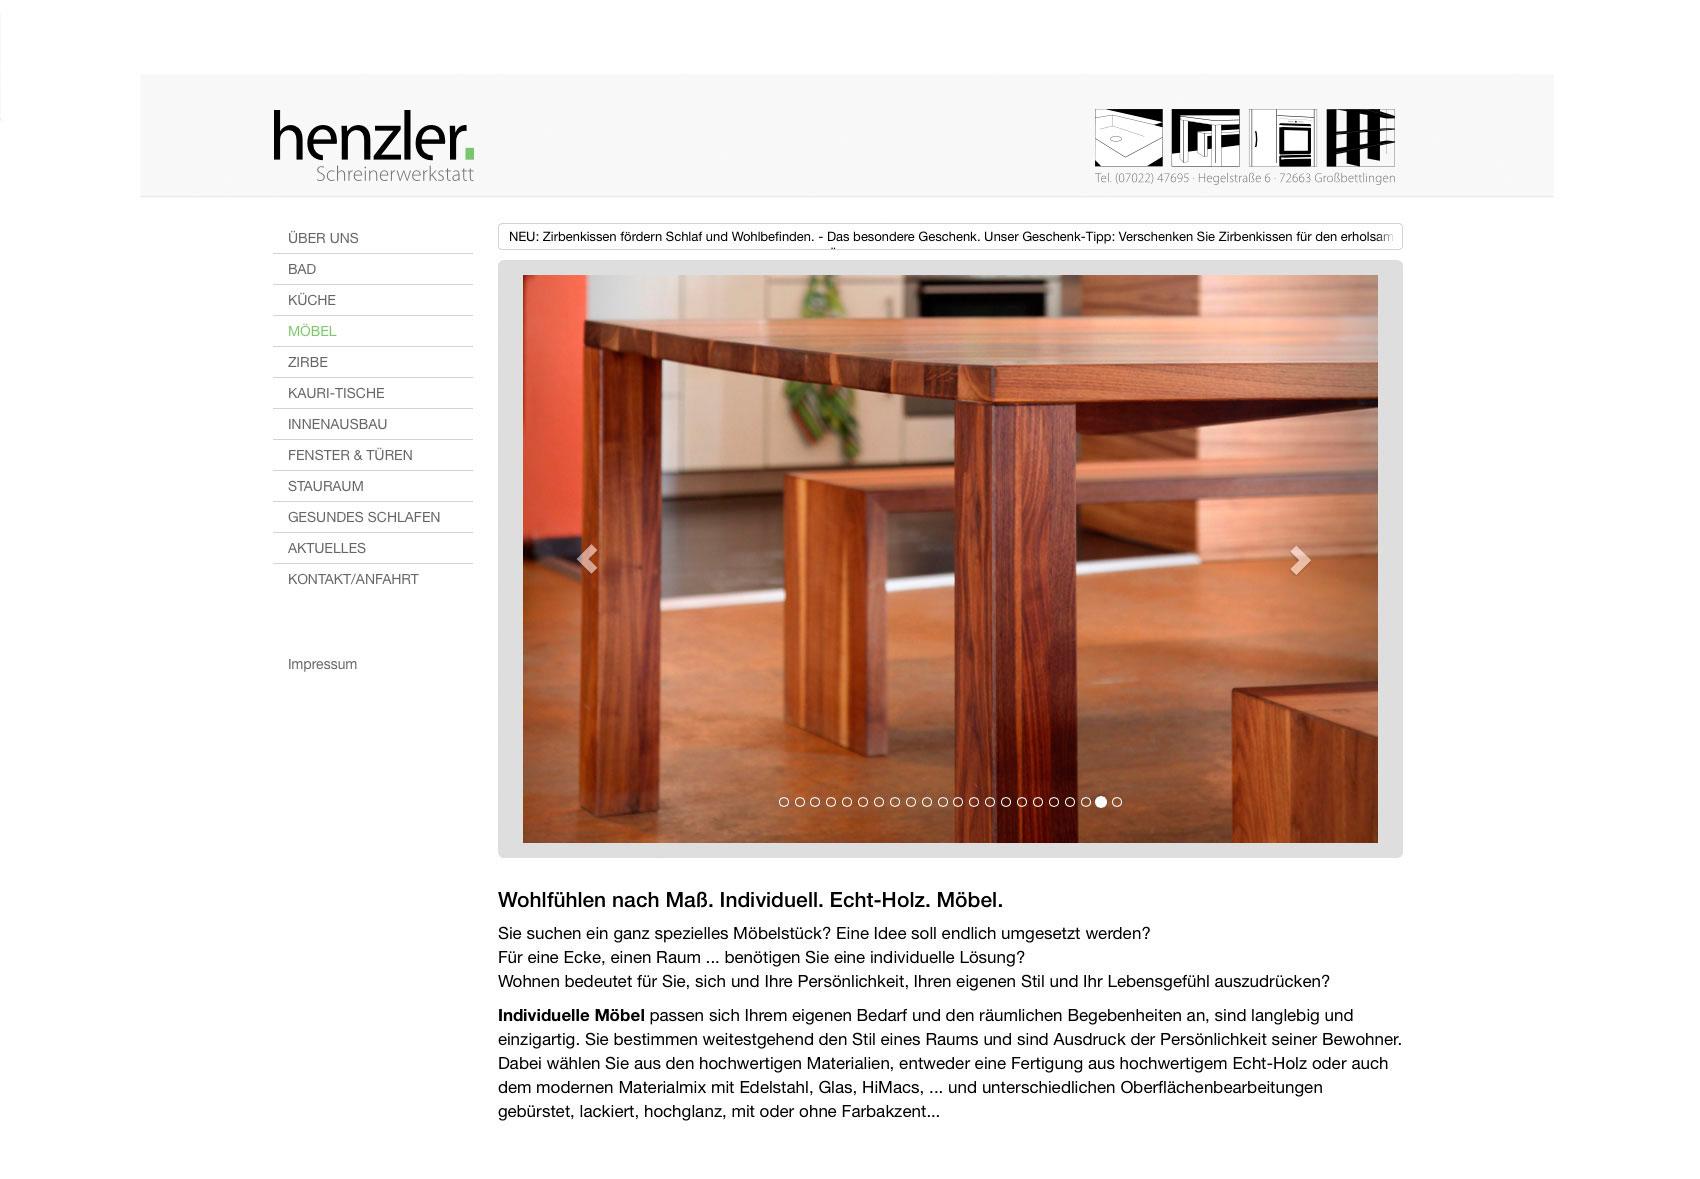 Jede Menüseite auf der Website hat eine Bildergalerie mit Referenzbriefen. Hier: Möbel.